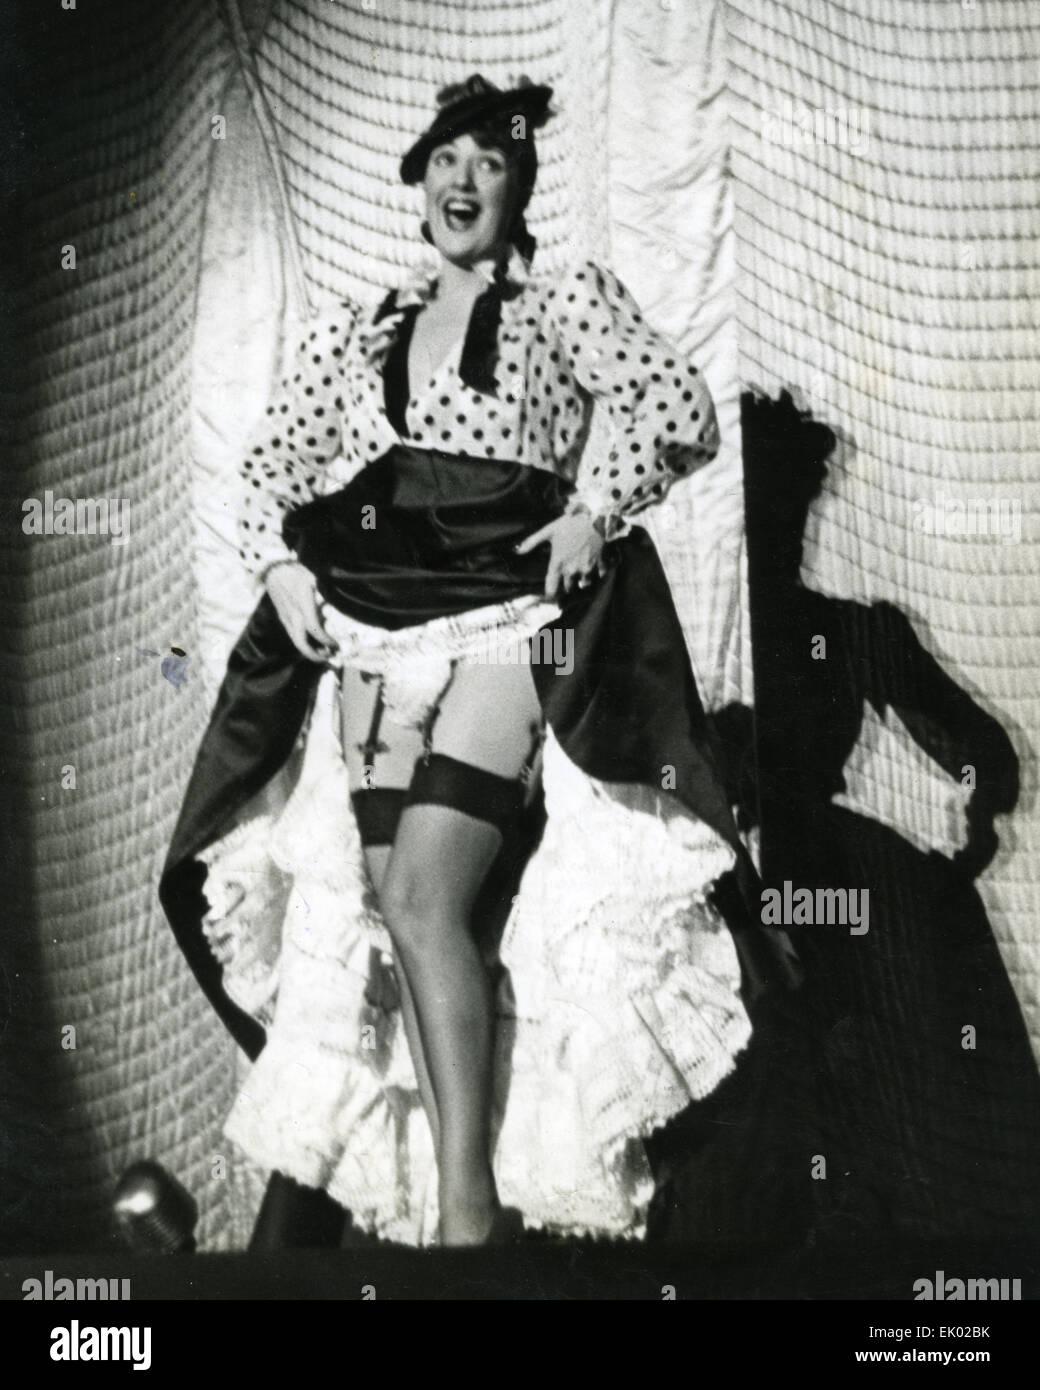 Striptease 1970 s